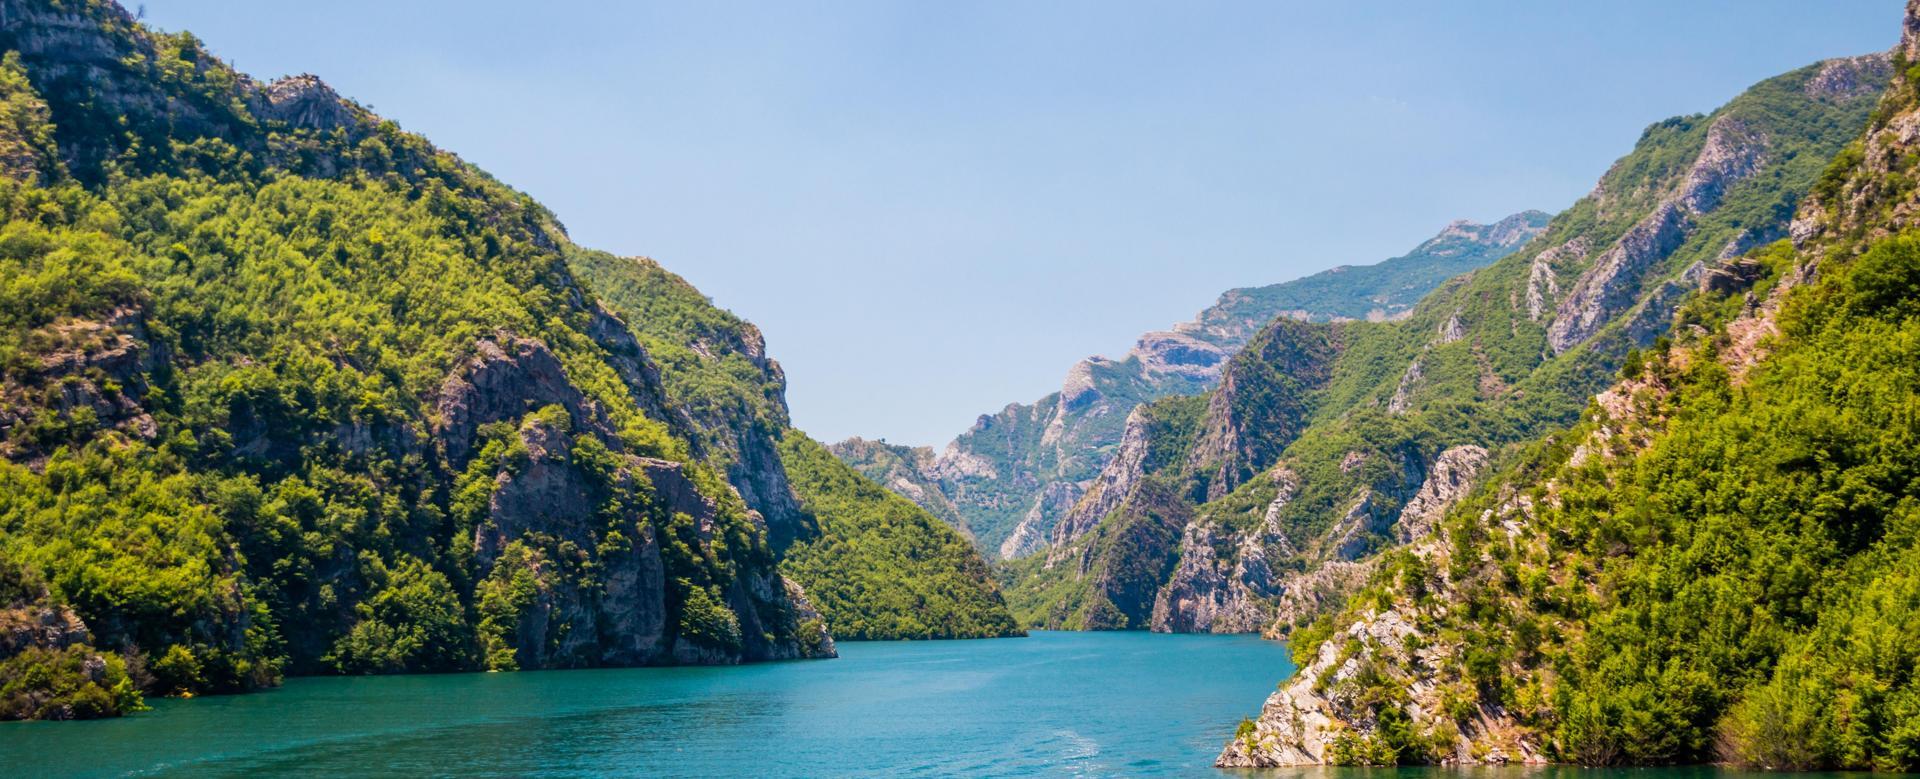 Voyage à pied Albanie : La traversée des alpes albanaises